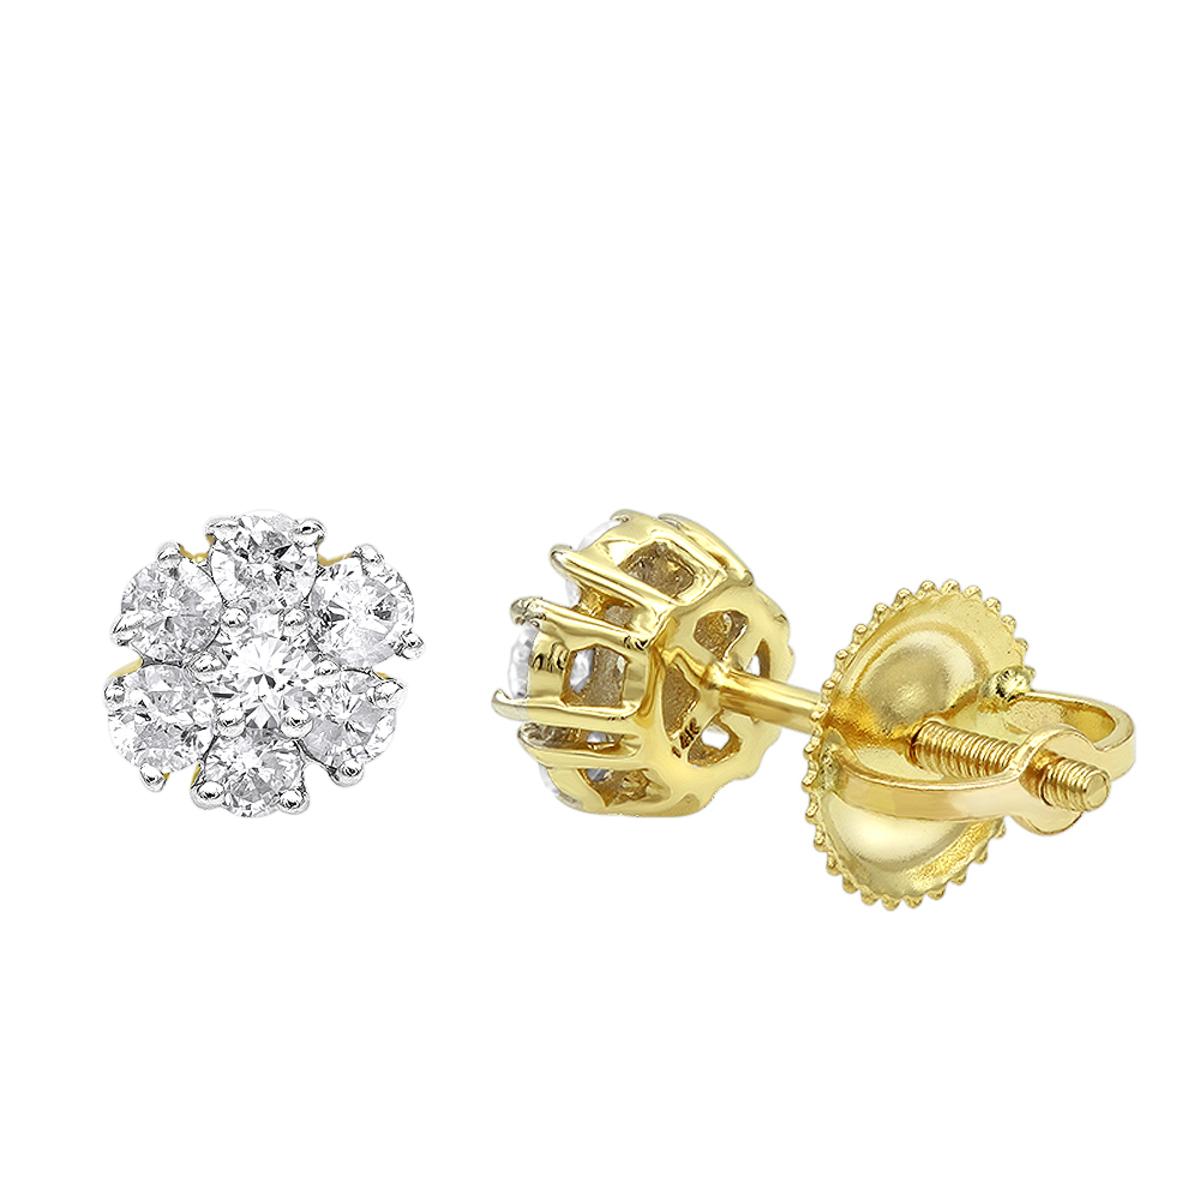 2 Carat Look 14K Gold Cluster Diamond Stud Earrings for Women 1/2ct by Luxurman